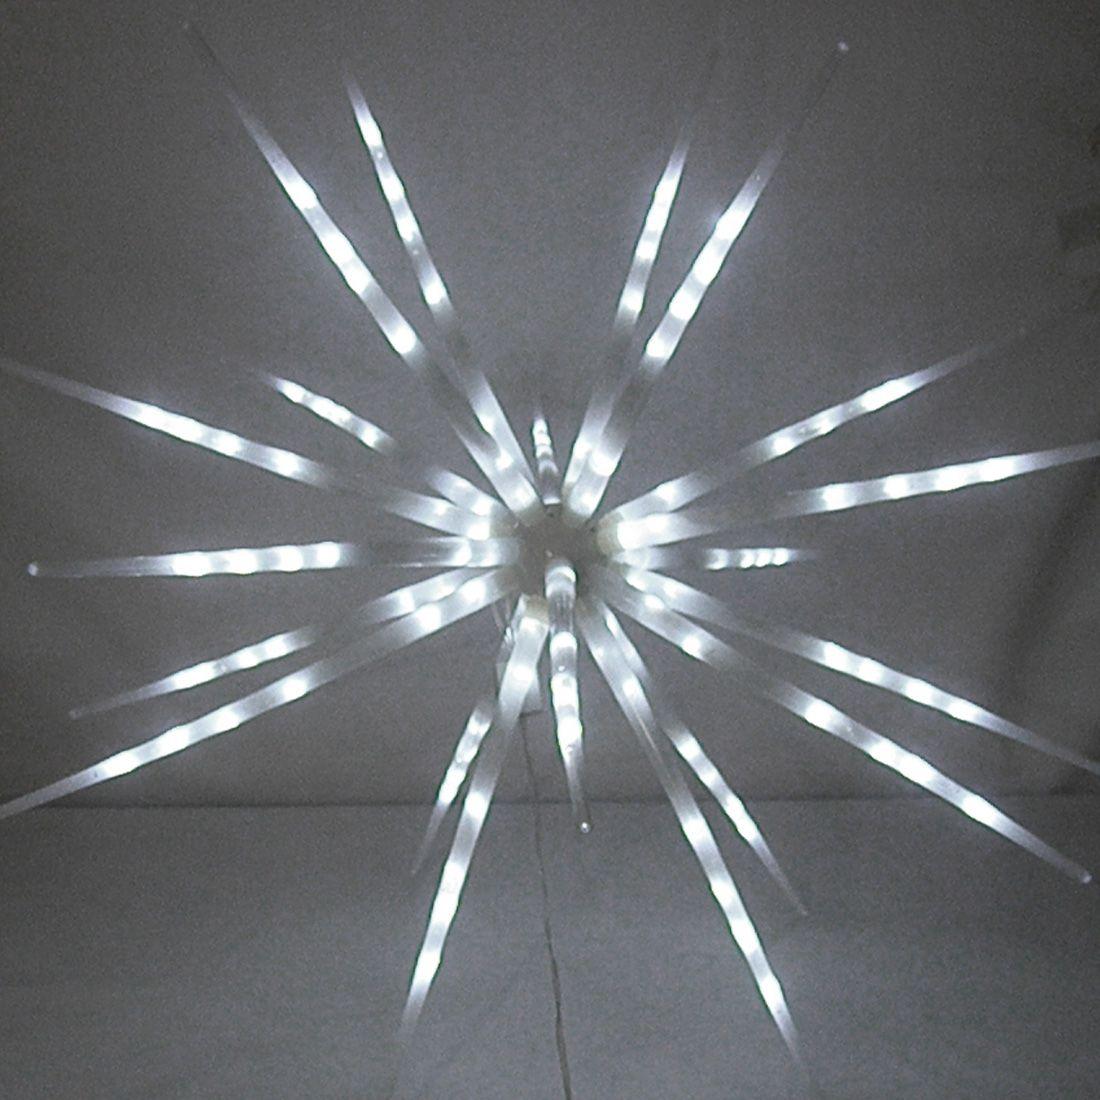 Sputik Luminaria 160 Leds Estrela Natal Evento Festa Natalino Decoraçao Iluminaçao